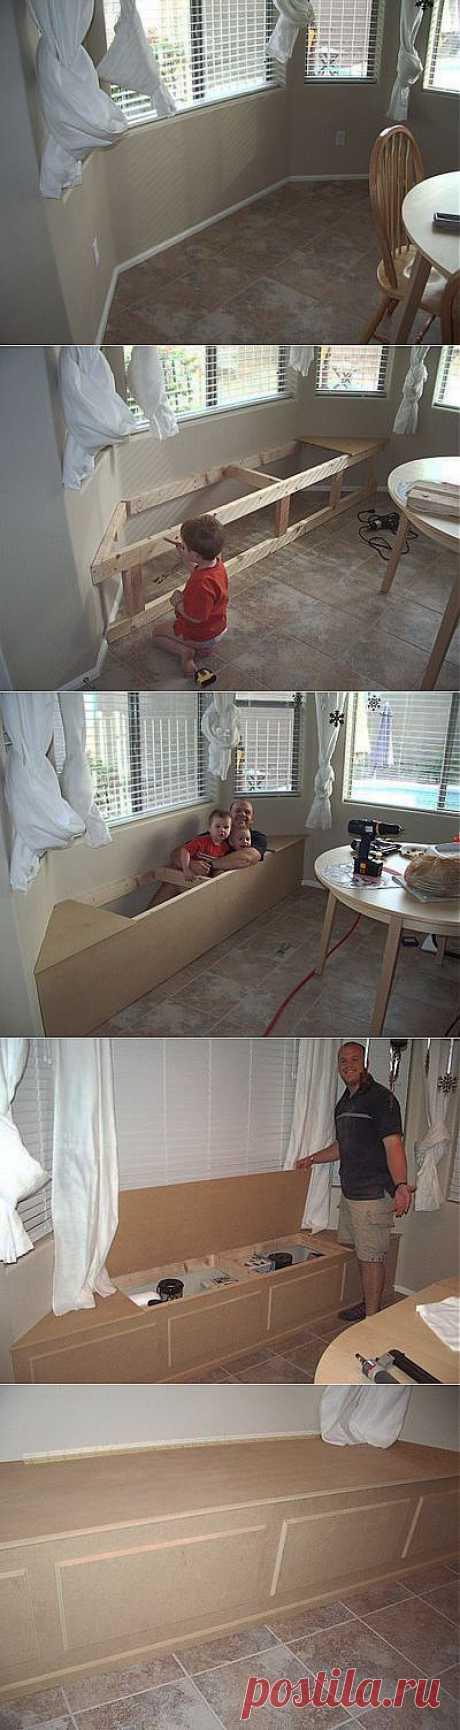 Мини мастер класс по изготовлению диванчика у окна.   Самоделкино